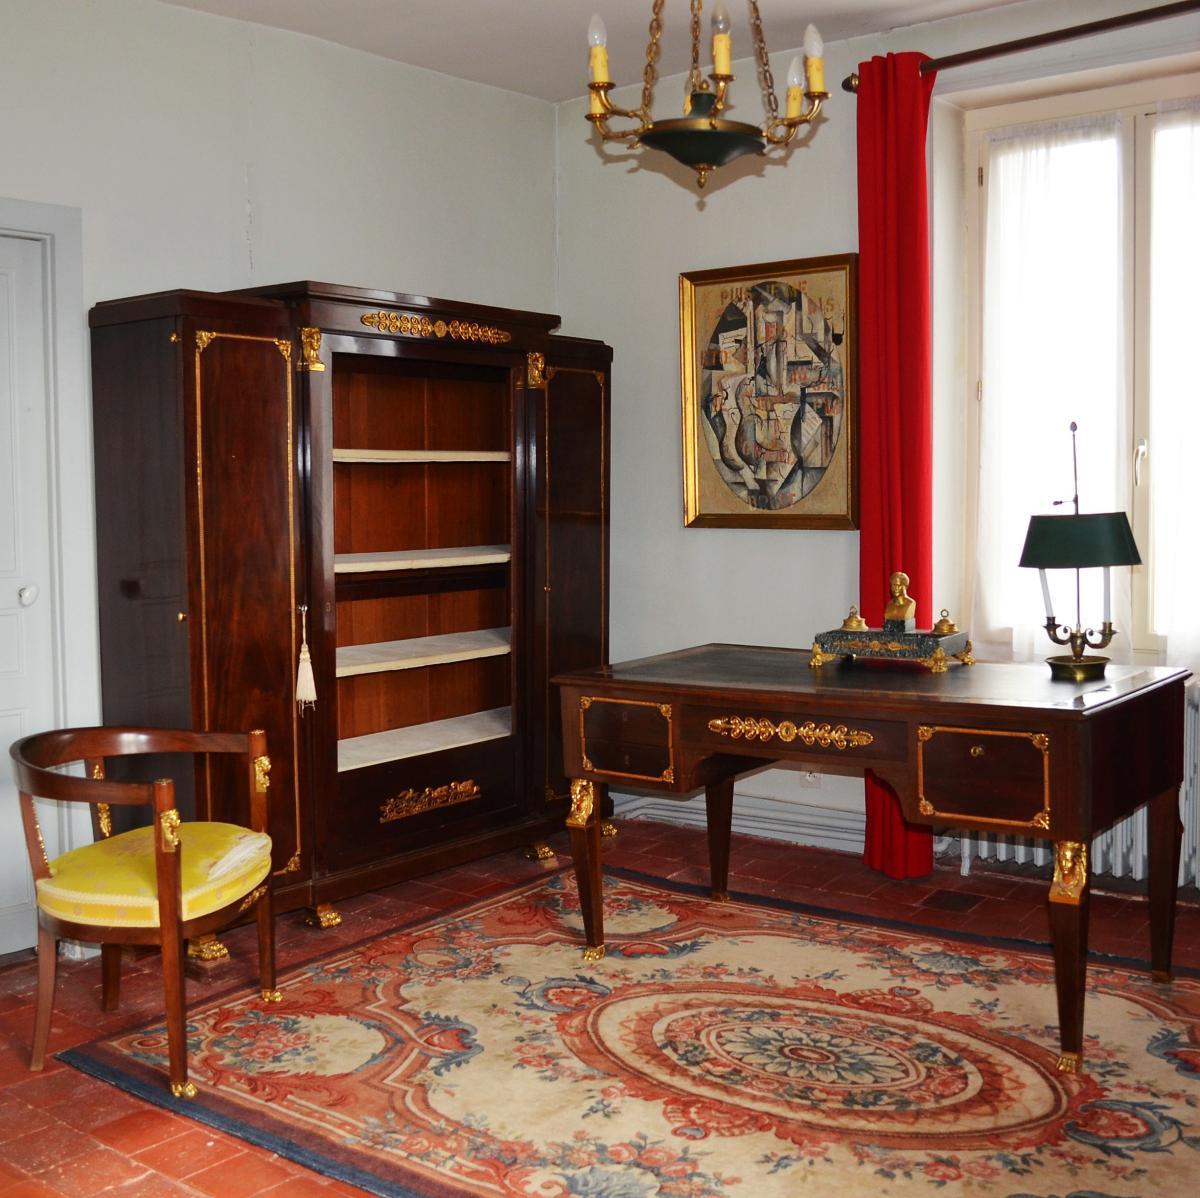 снятием фото квартир с антикварной мебелью фотографиях объясняются симптомы